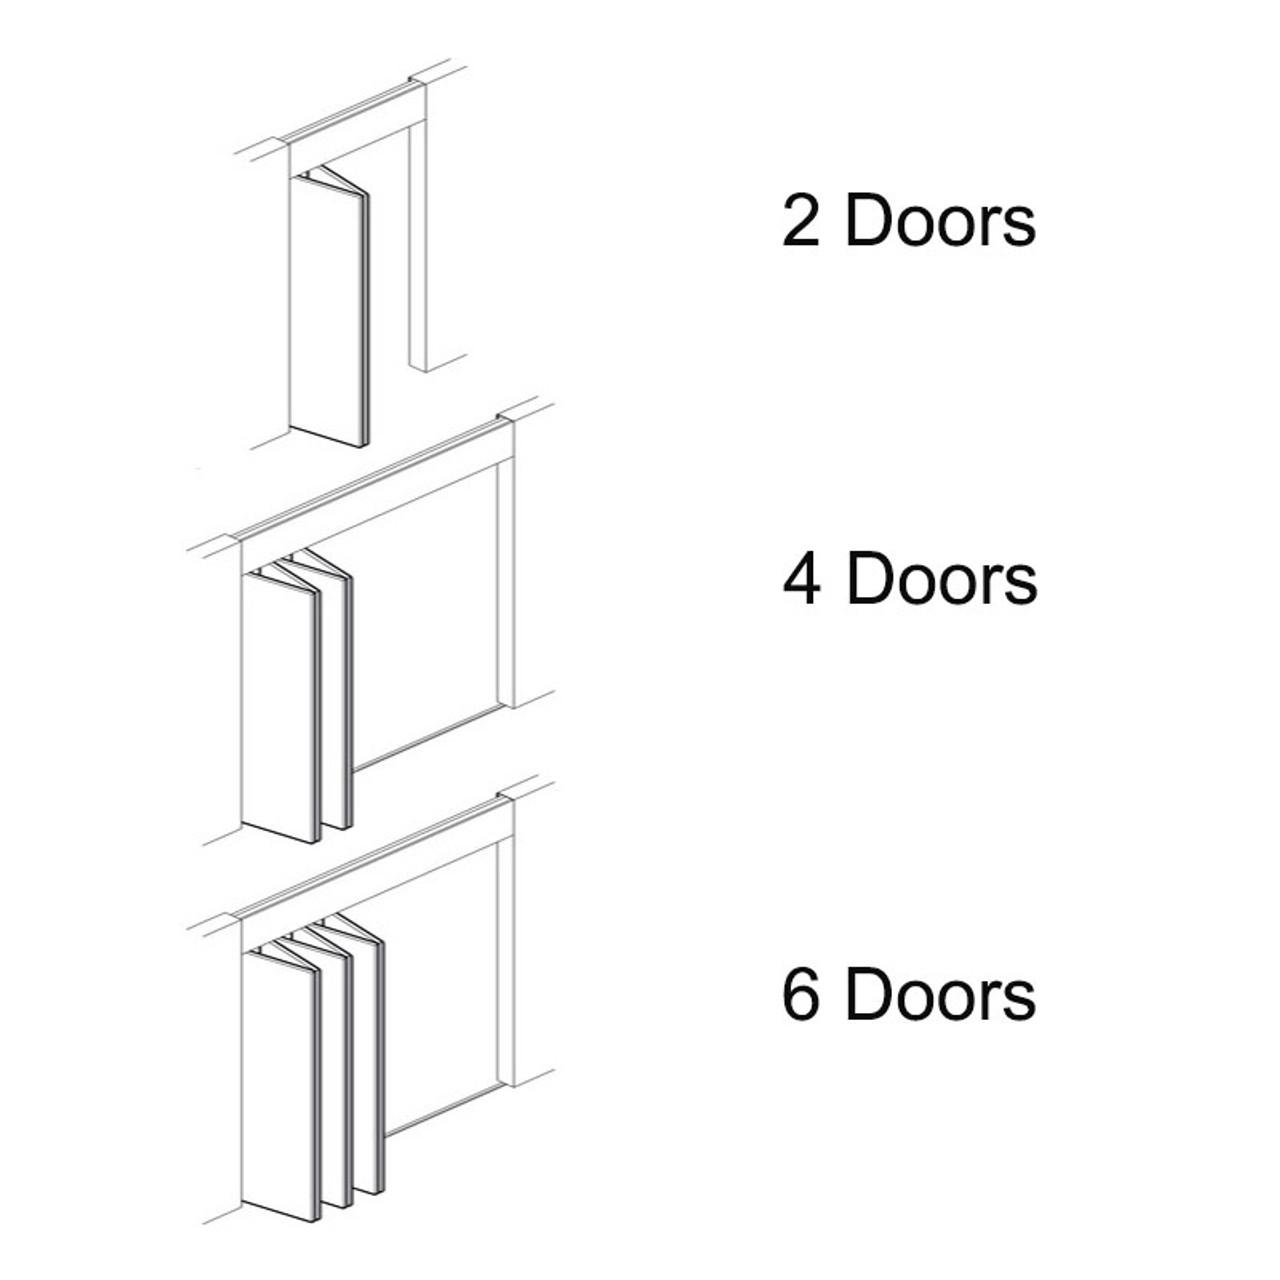 Hawa Bifold 30 Sliding/Folding Wood Door Kit 12647